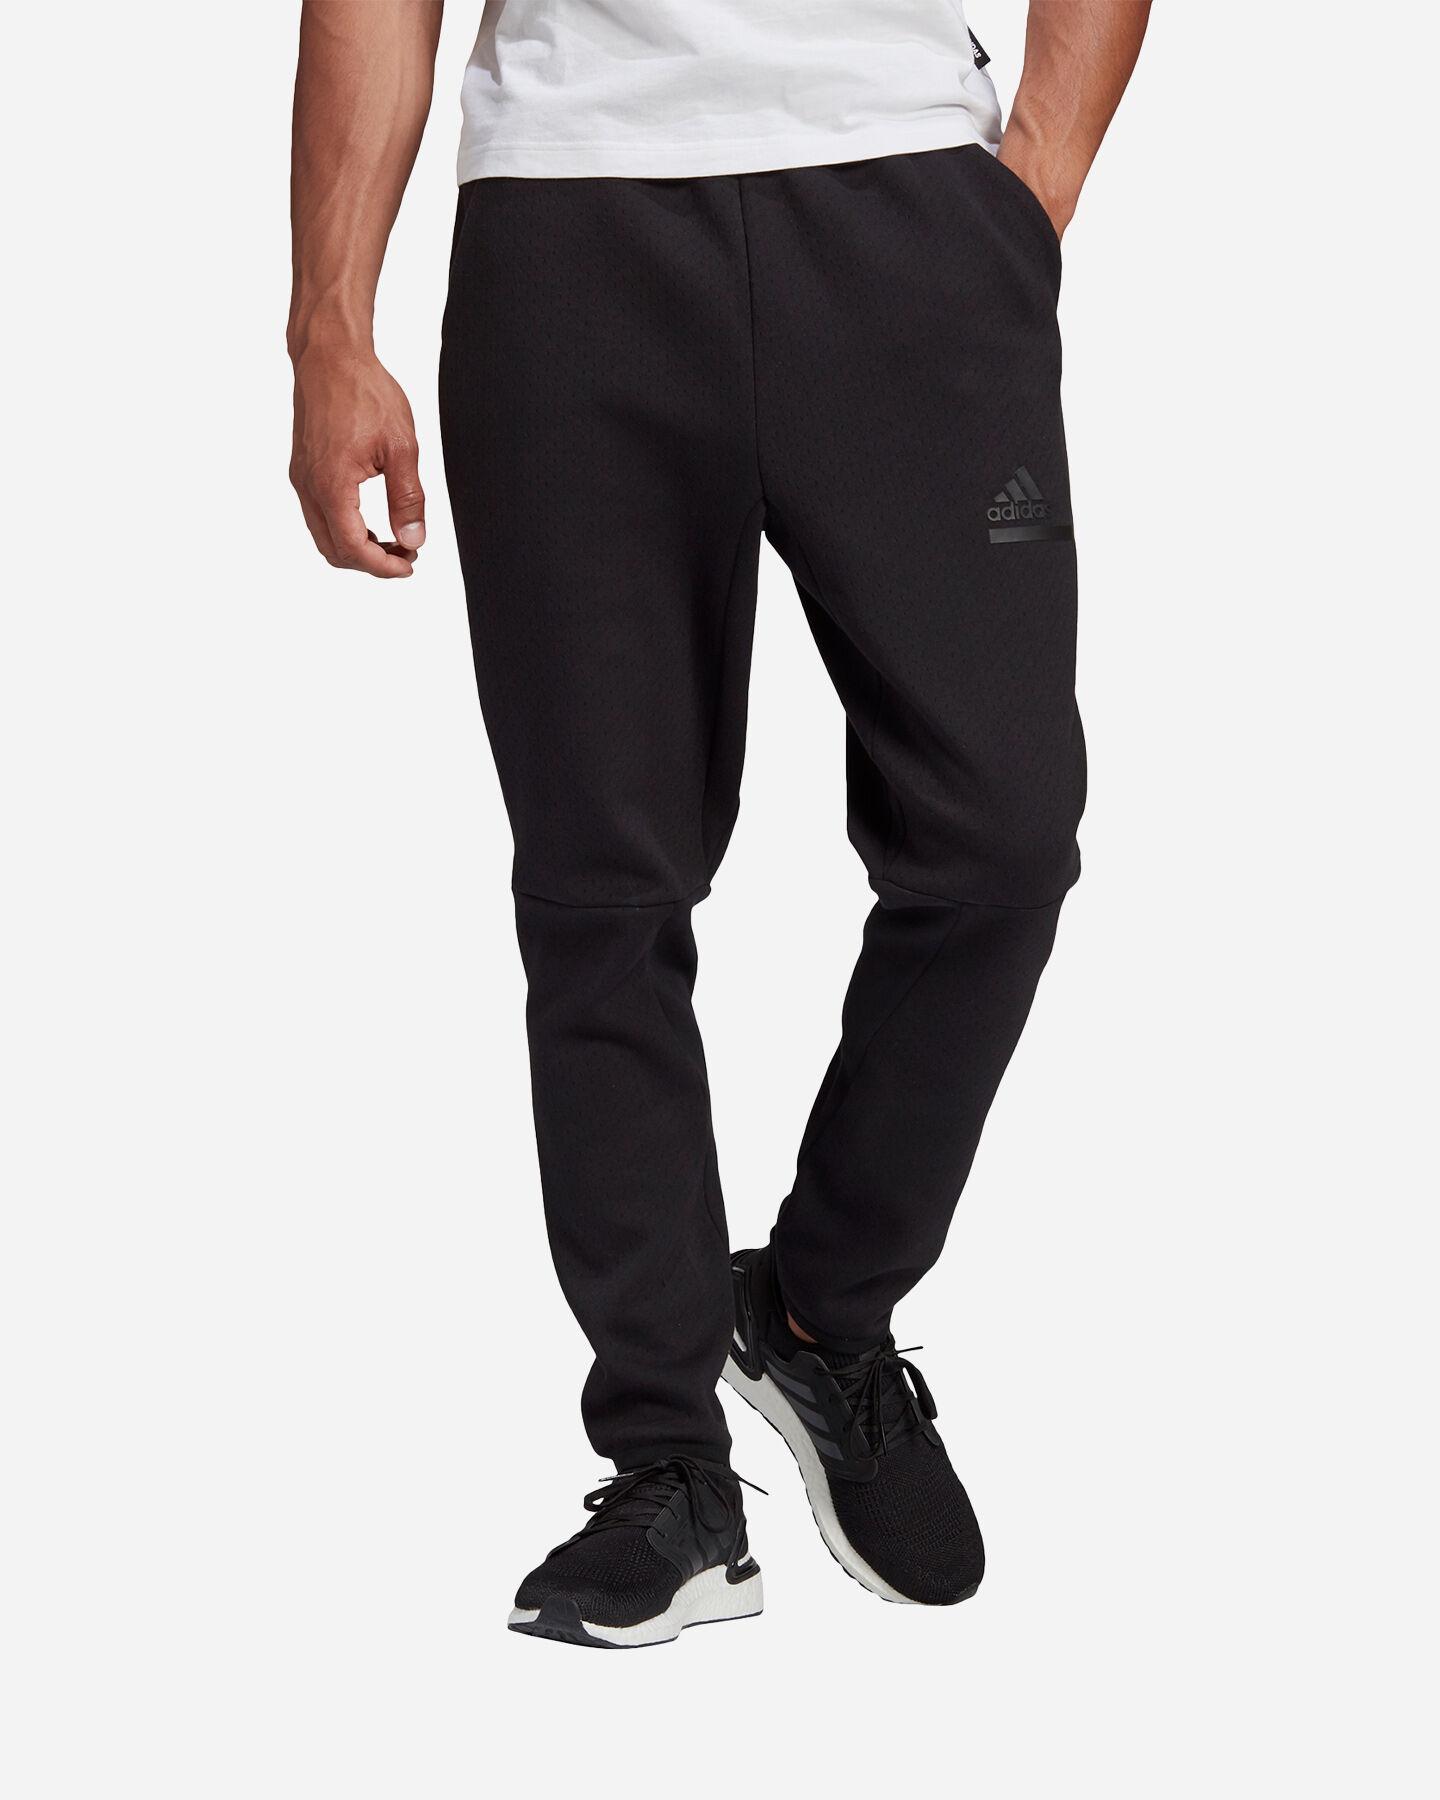 Pantalone ADIDAS ZONE M S5228113 scatto 2